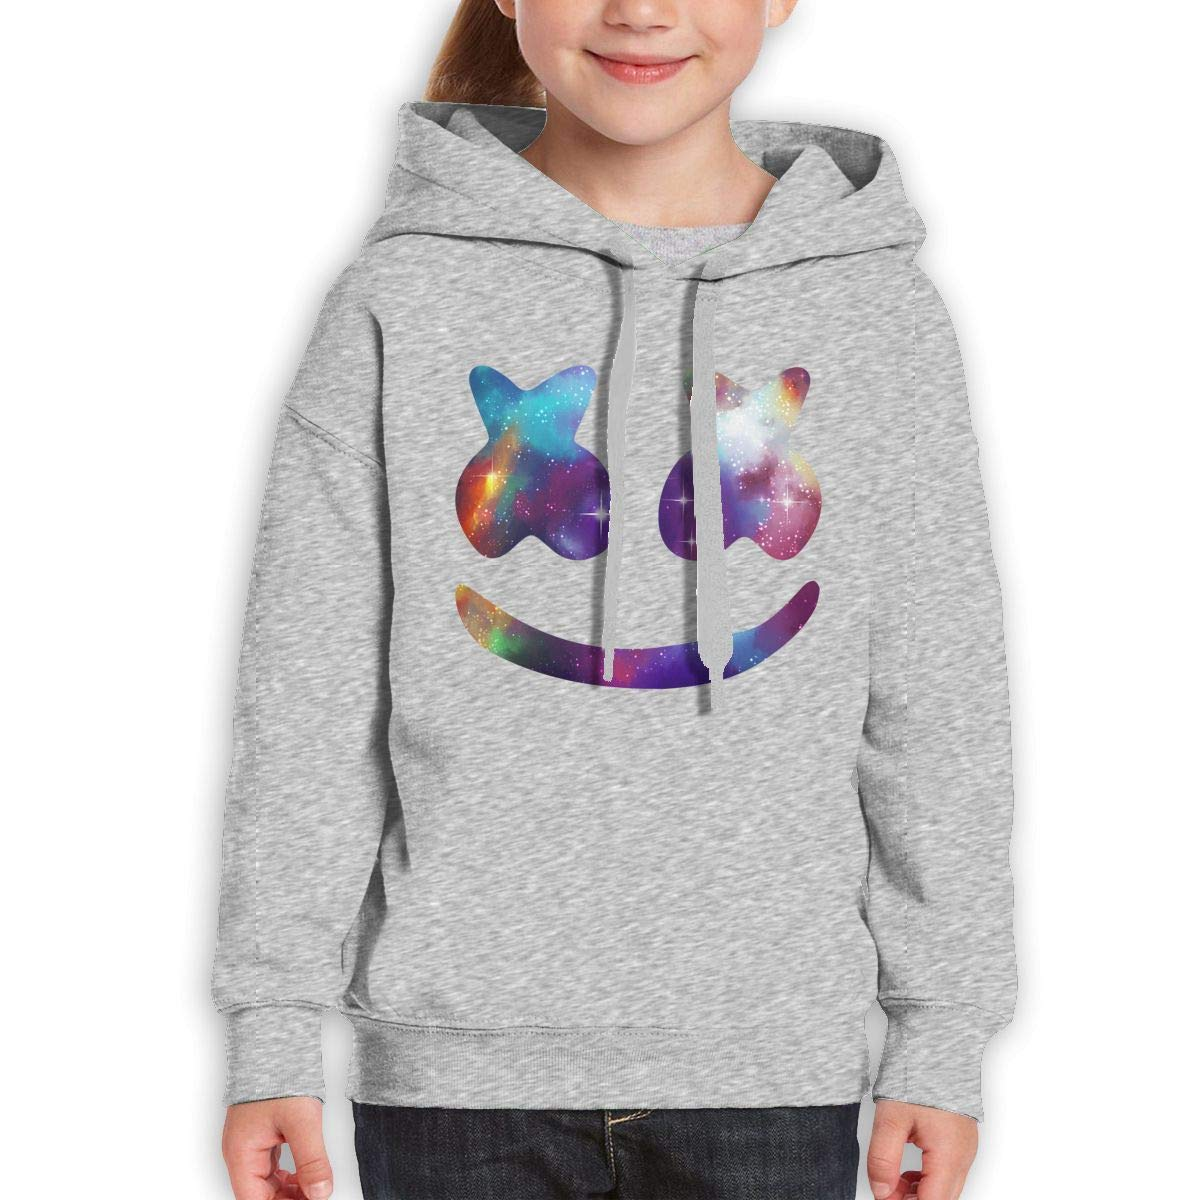 NPSFYXXP Teen Girls Boys Youth Sweater Marshmello Black